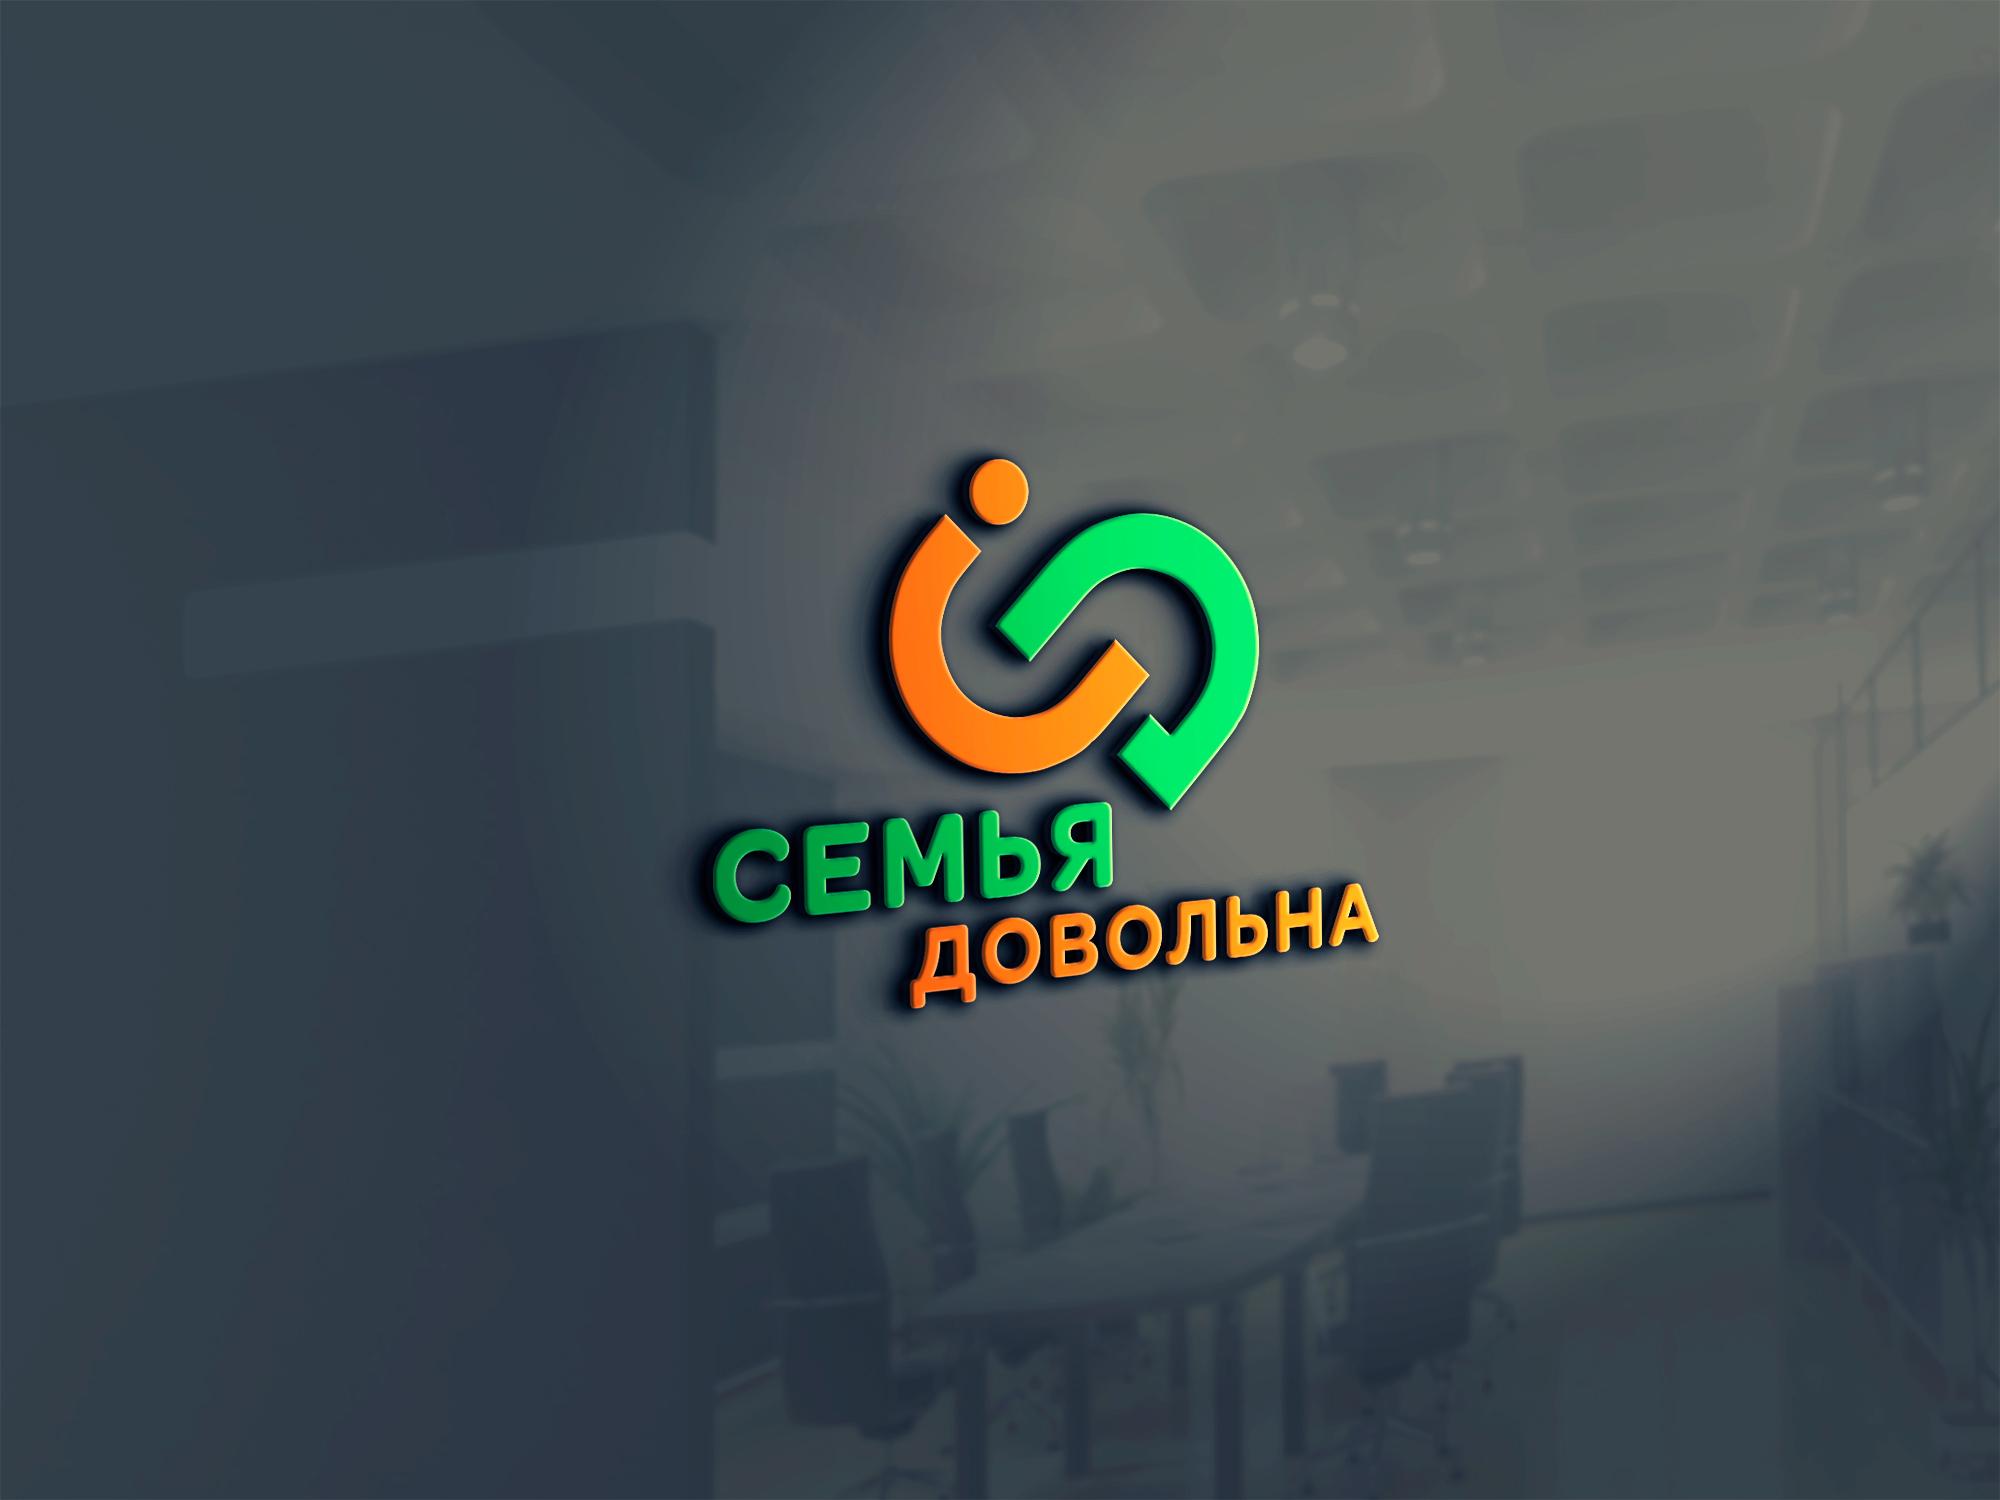 """Разработайте логотип для торговой марки """"Семья довольна"""" фото f_2535ba94e1474cbd.jpg"""